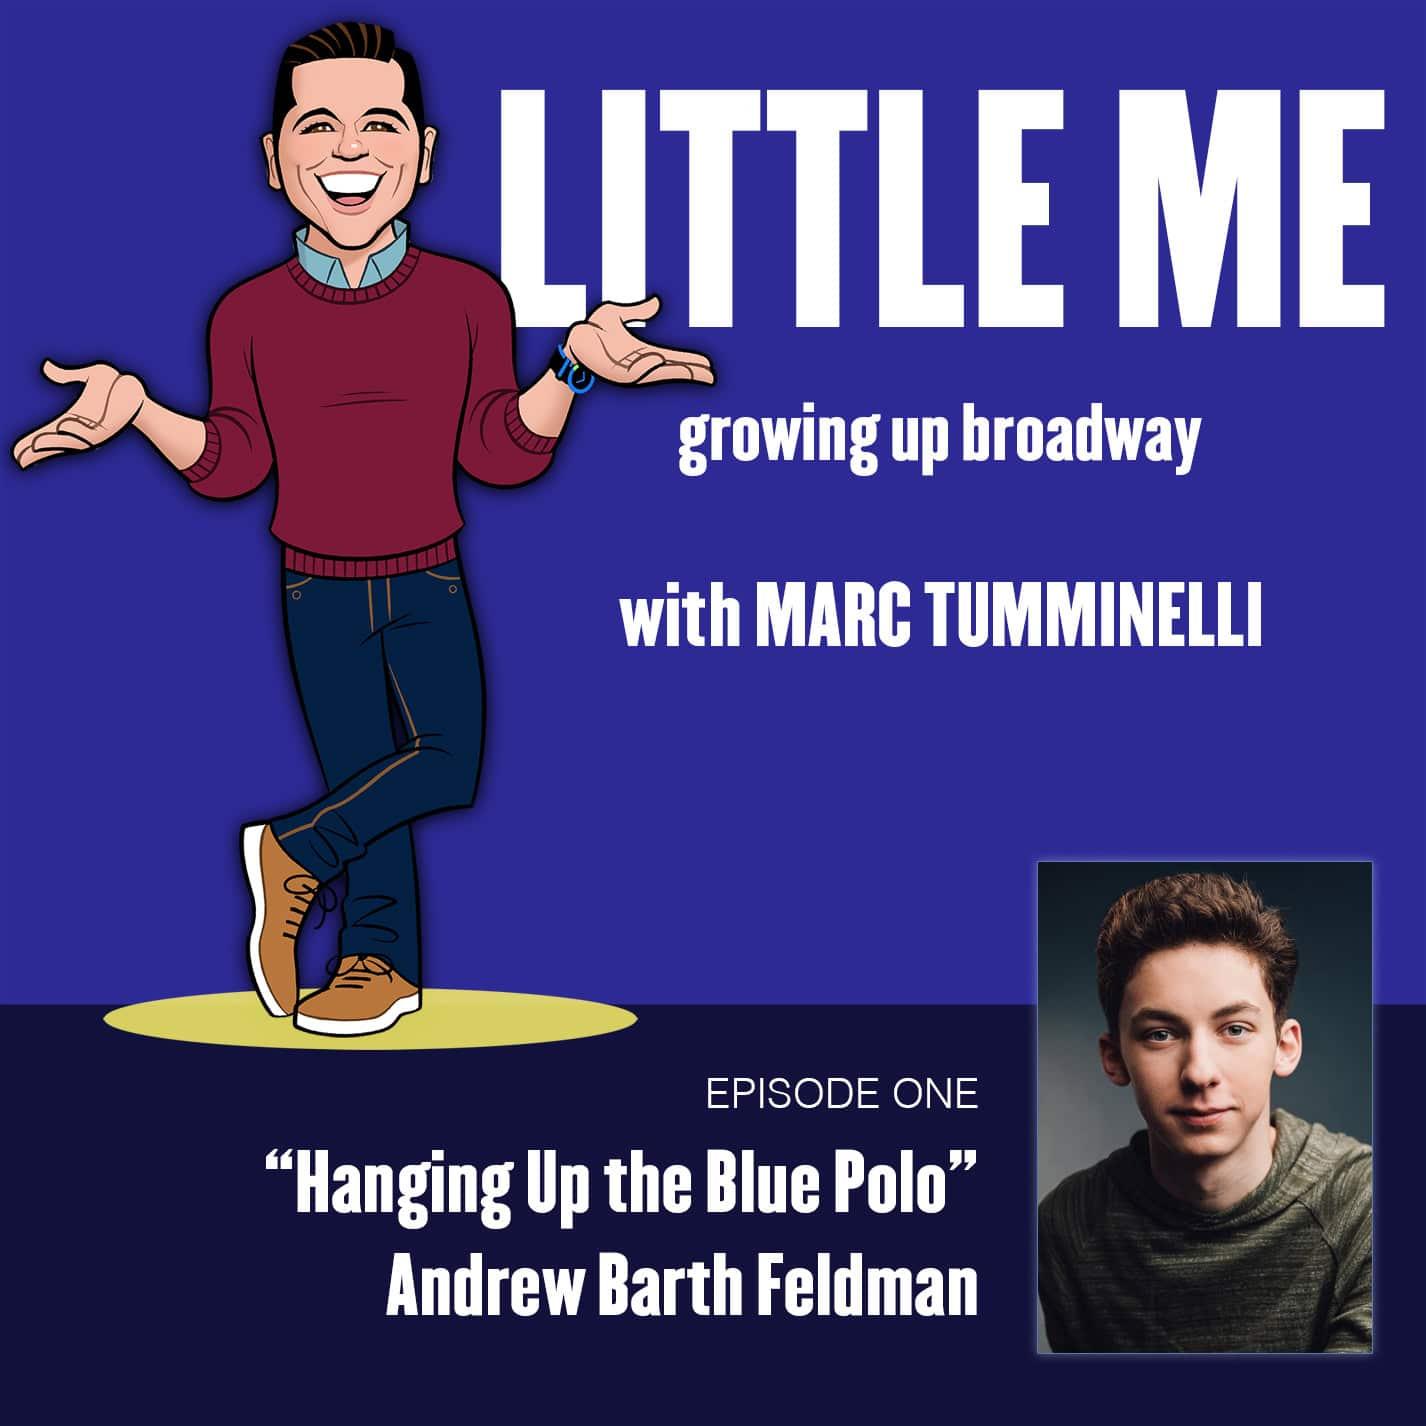 Little Me Episode 1 Andrew Barth Feldman